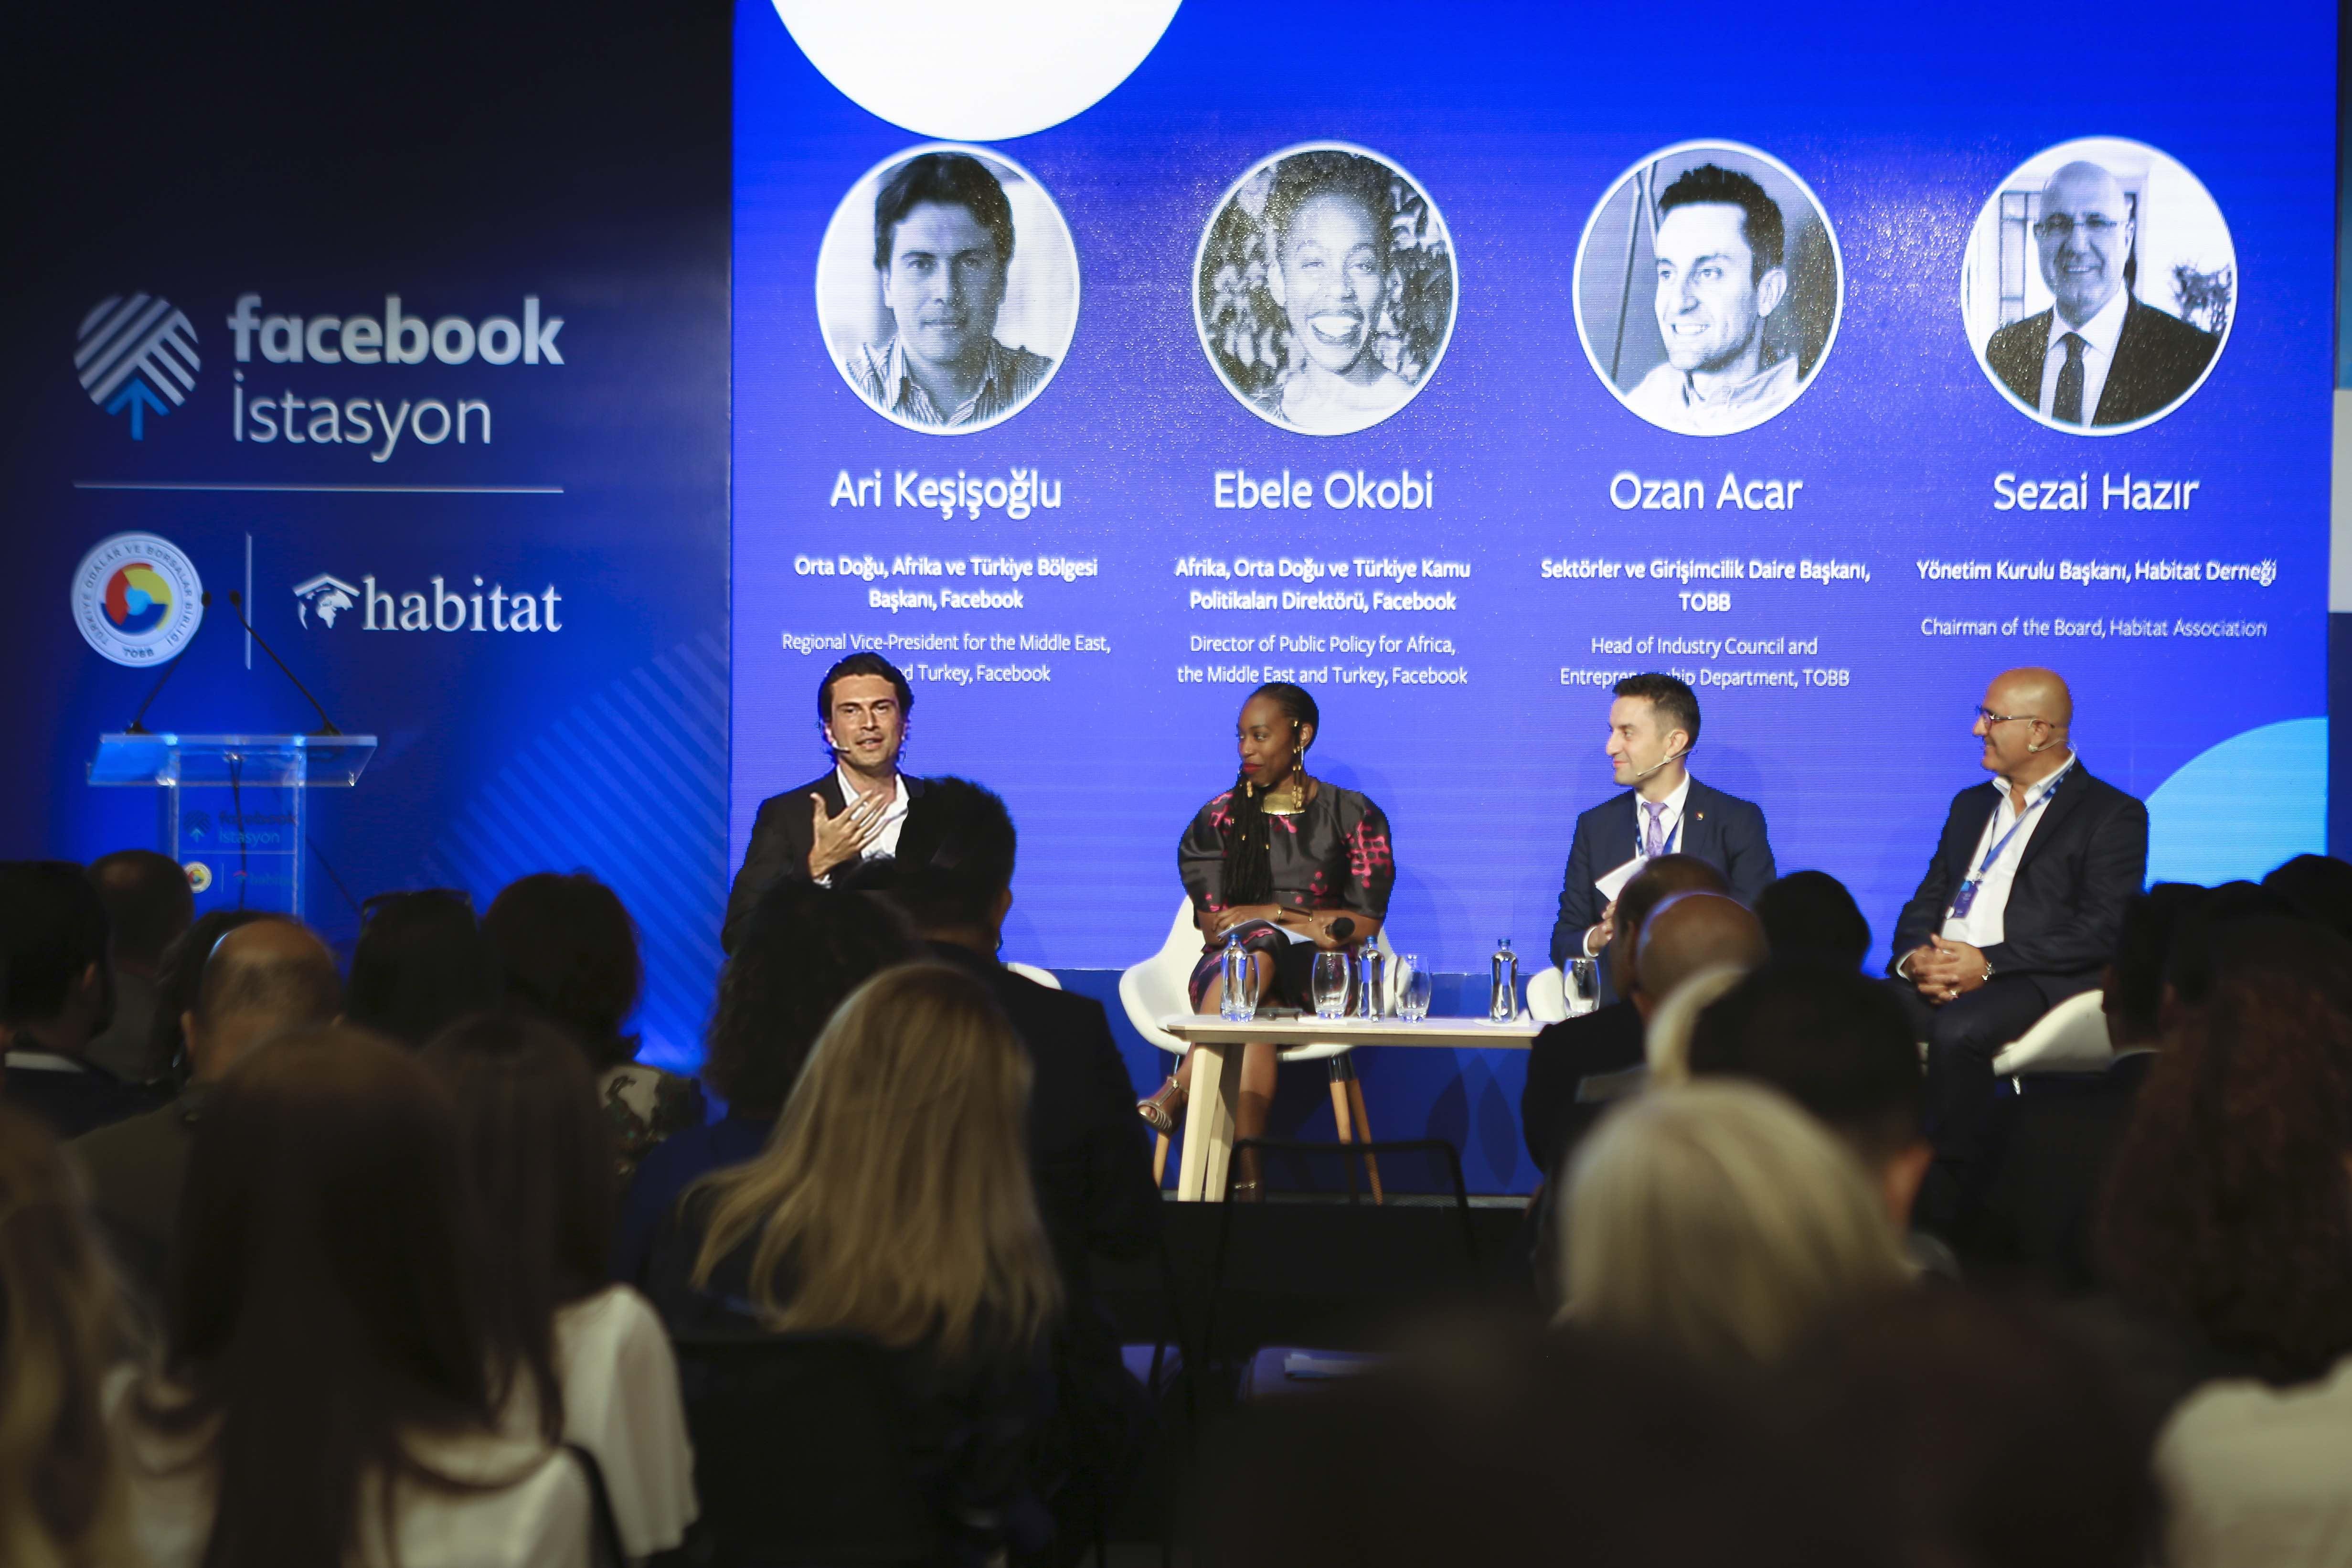 """Facebook, TOBB ve Habitat İş Birliğinde Türkiye'deki İlk Topluluk Merkez """" Facebook İstasyonu""""u Açıyor!"""